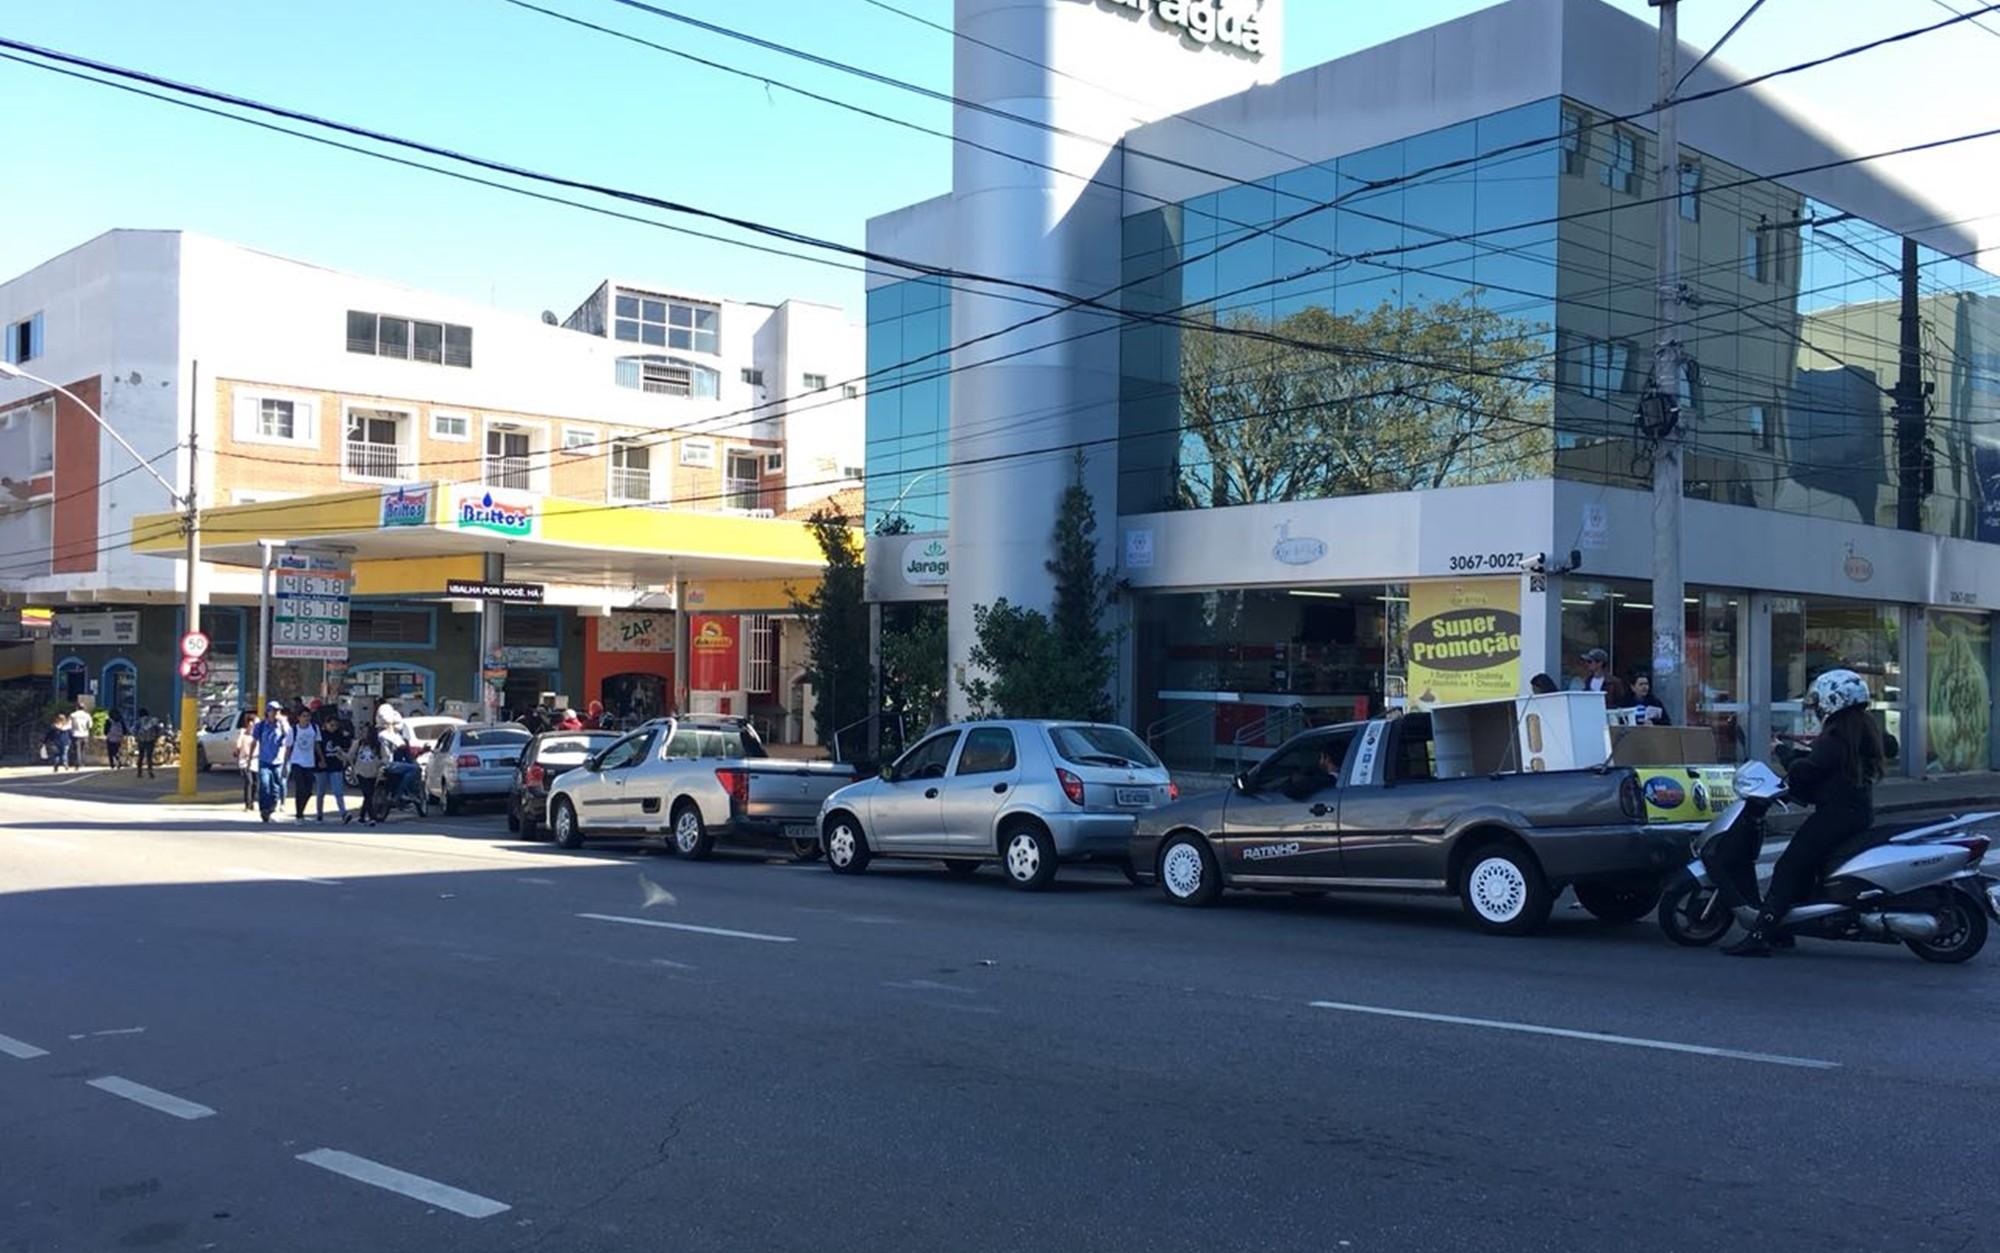 Combustíveis acabam em pelo menos duas das maiores cidades do Sul de Minas, diz Minaspetro